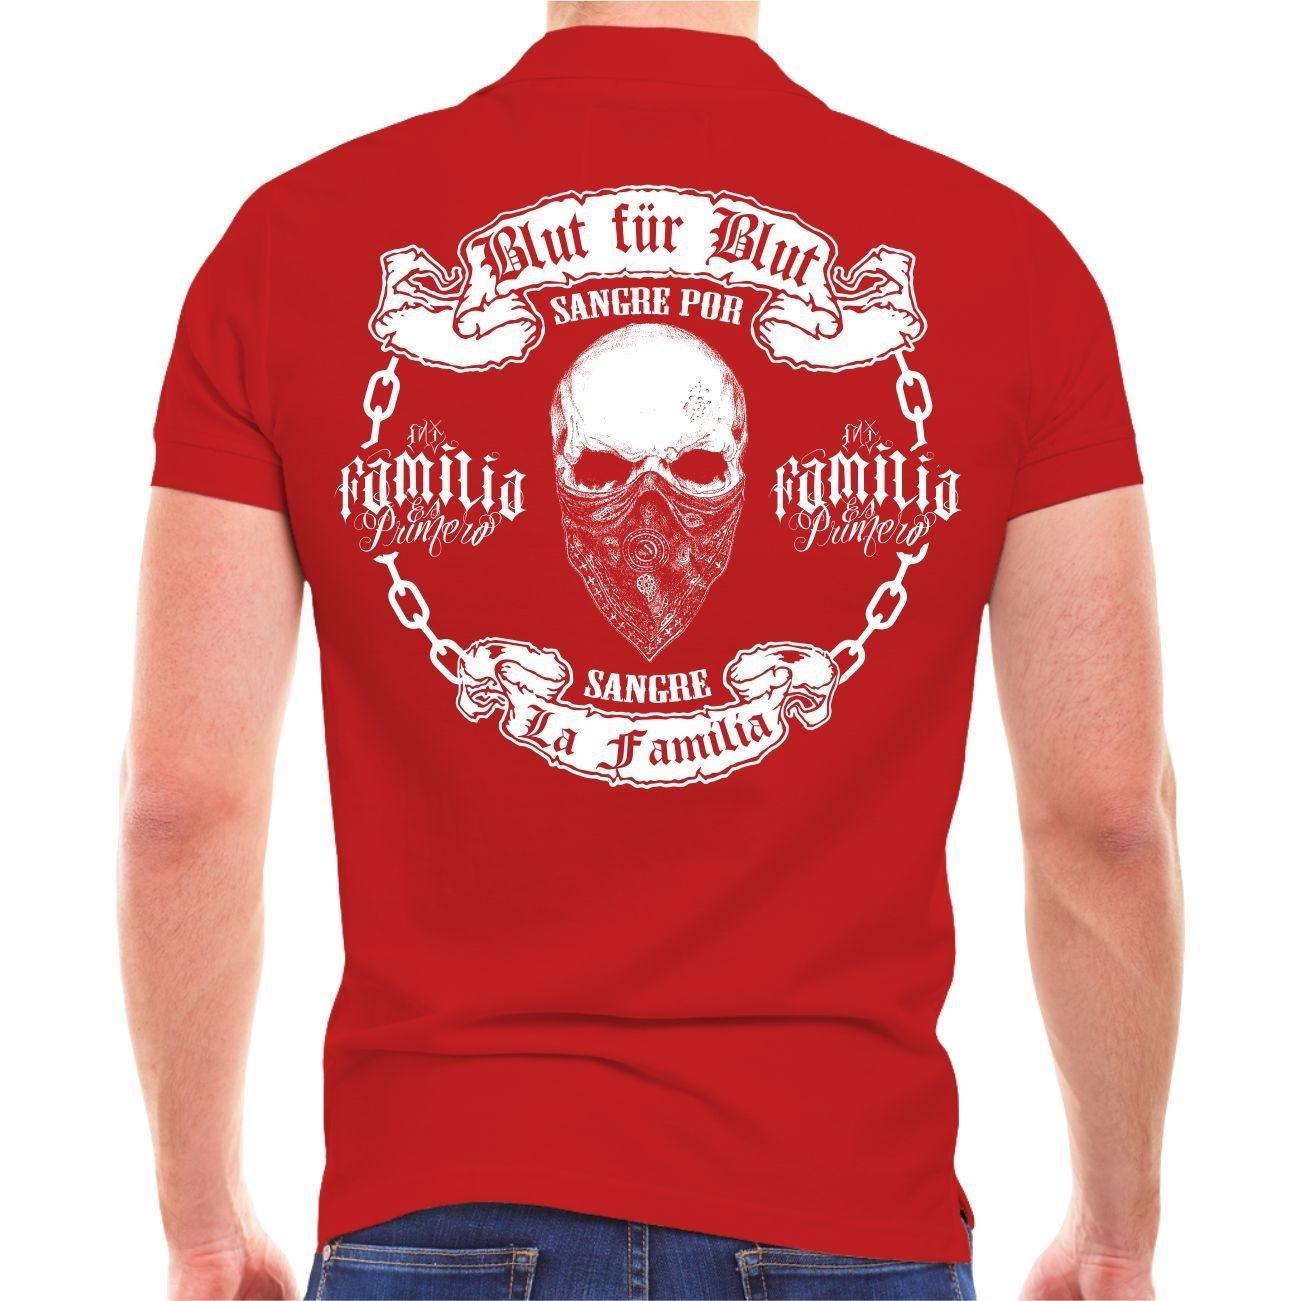 Life Life Life Is Pain Männer und Herren Polo Shirt LA Familia Blaut für Blaut (mit Rückenduck) Größe S - 10XL B079Q47M2S T-Shirts Ausgezeichnete Funktion 09bdd5